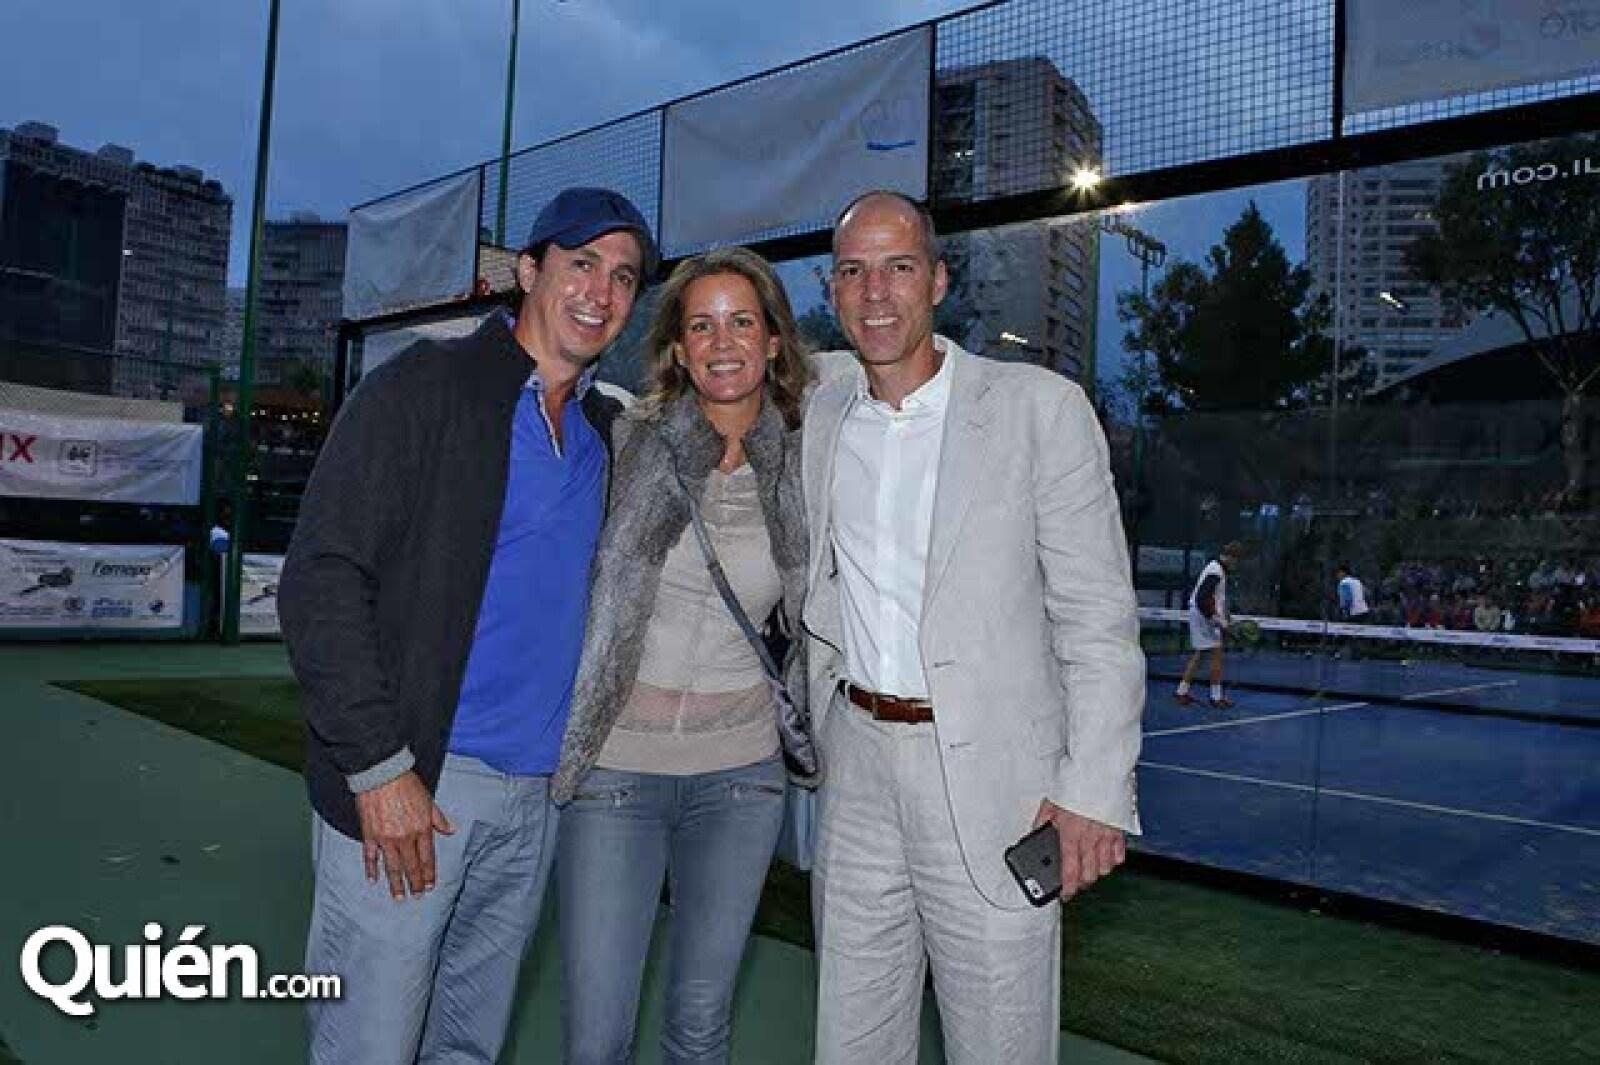 Rolf Schlettwein,Jacqueline Beristain y José Luis García Frapolli